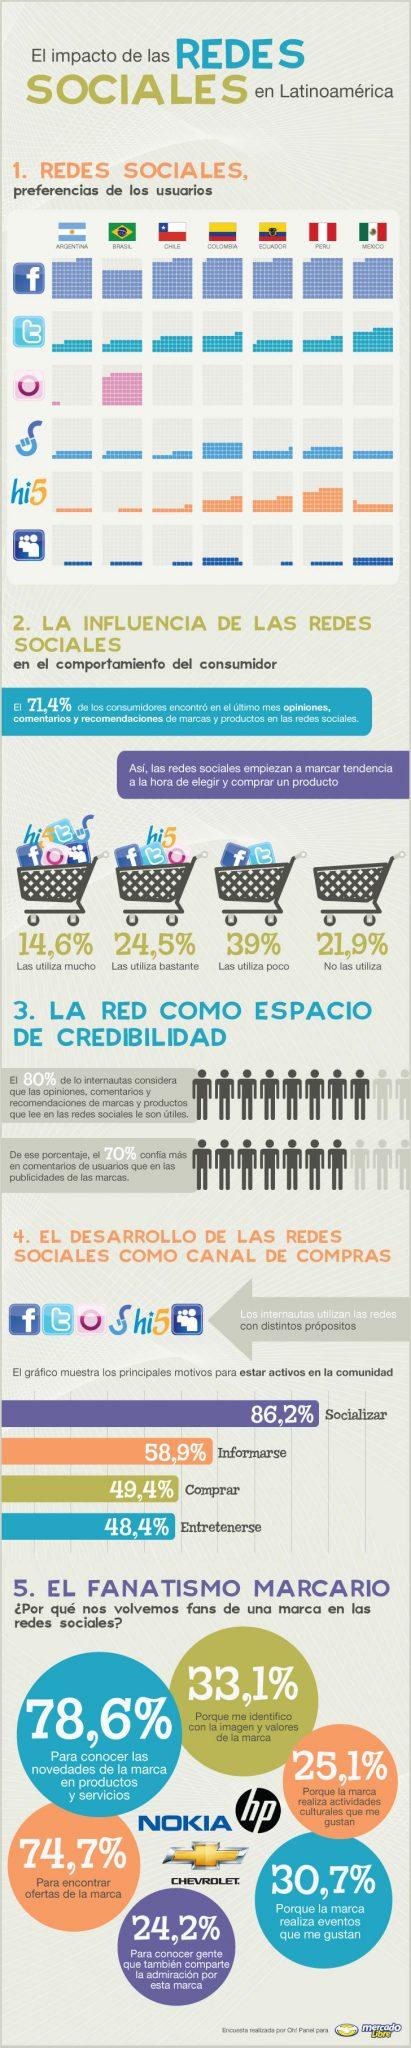 El 80% de los internautas considera las opiniones de las redes sociales muy útiles #infografía